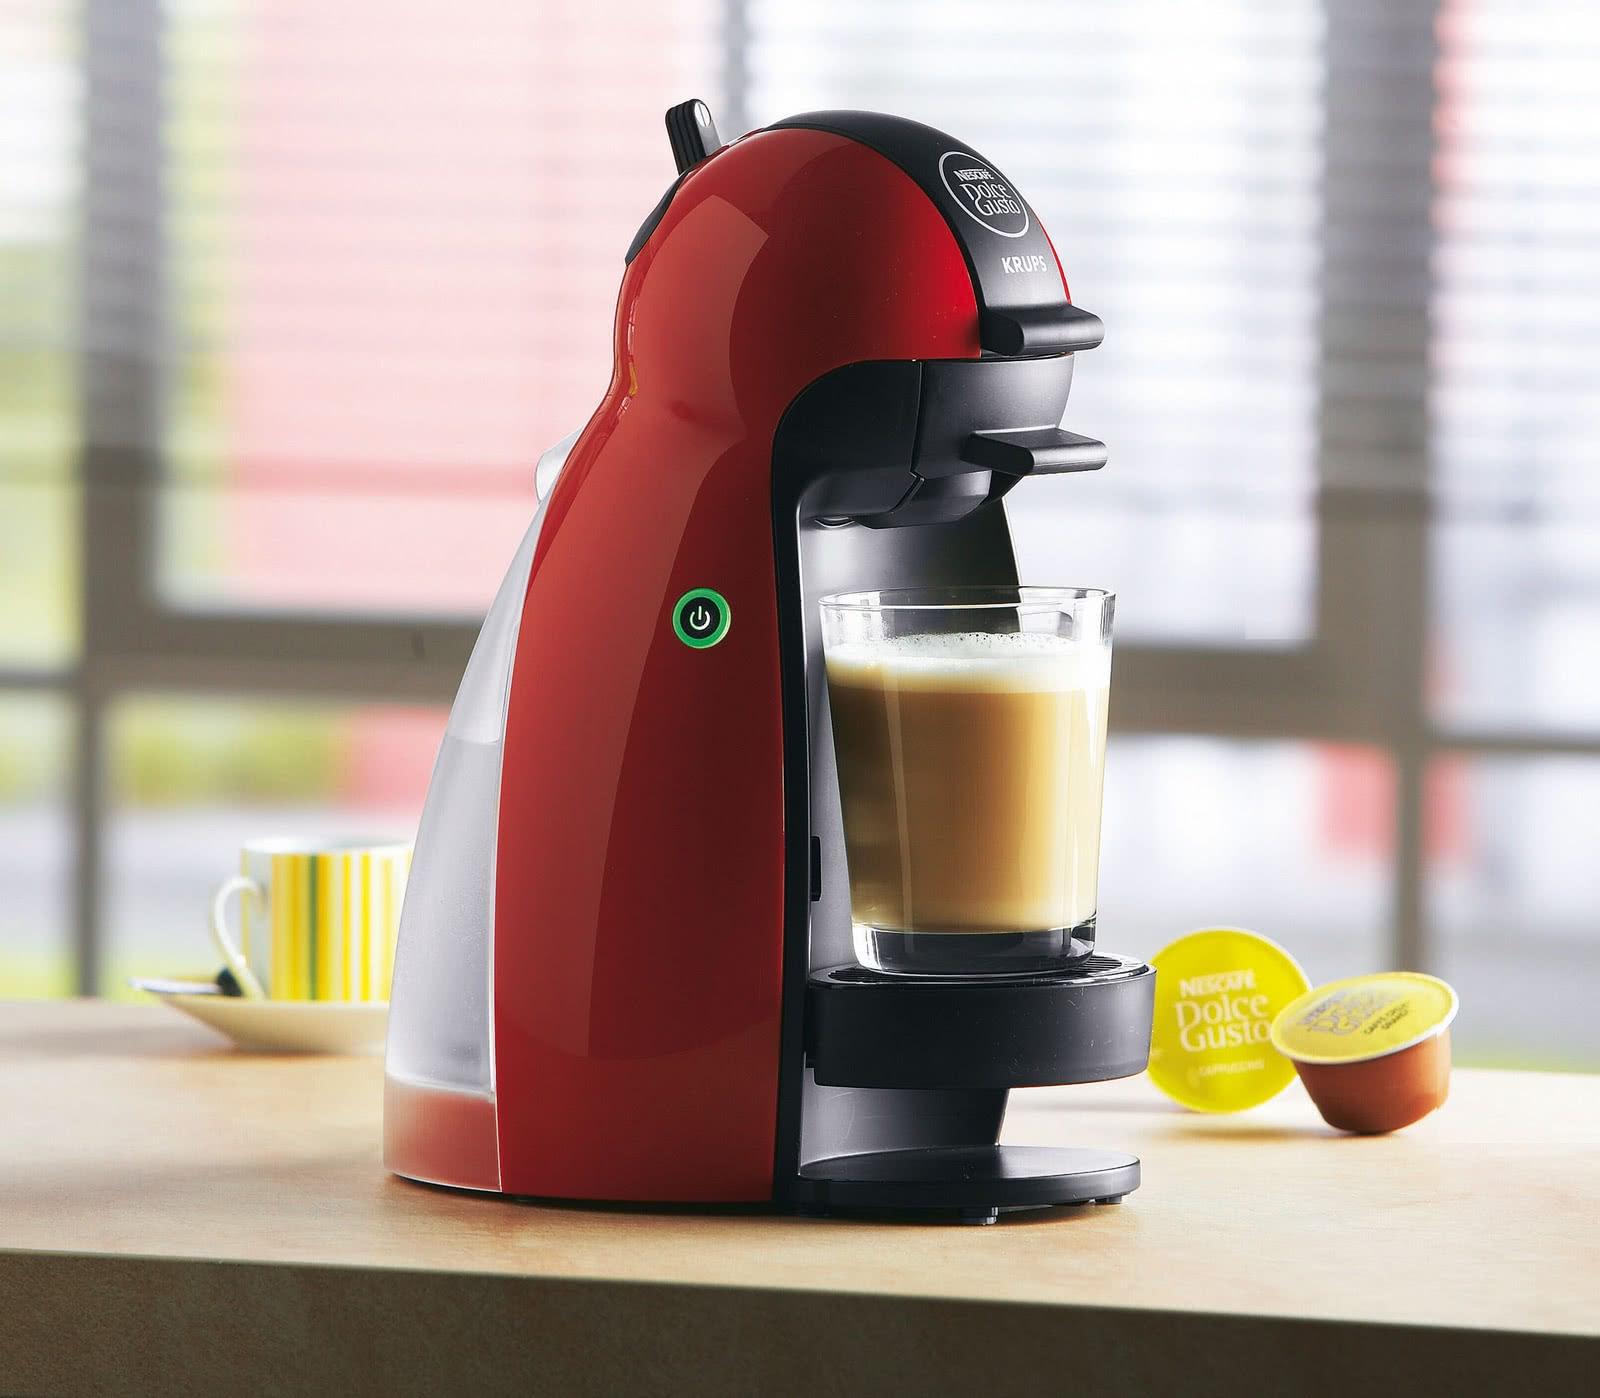 фото капсульной кофемашины дольче густо